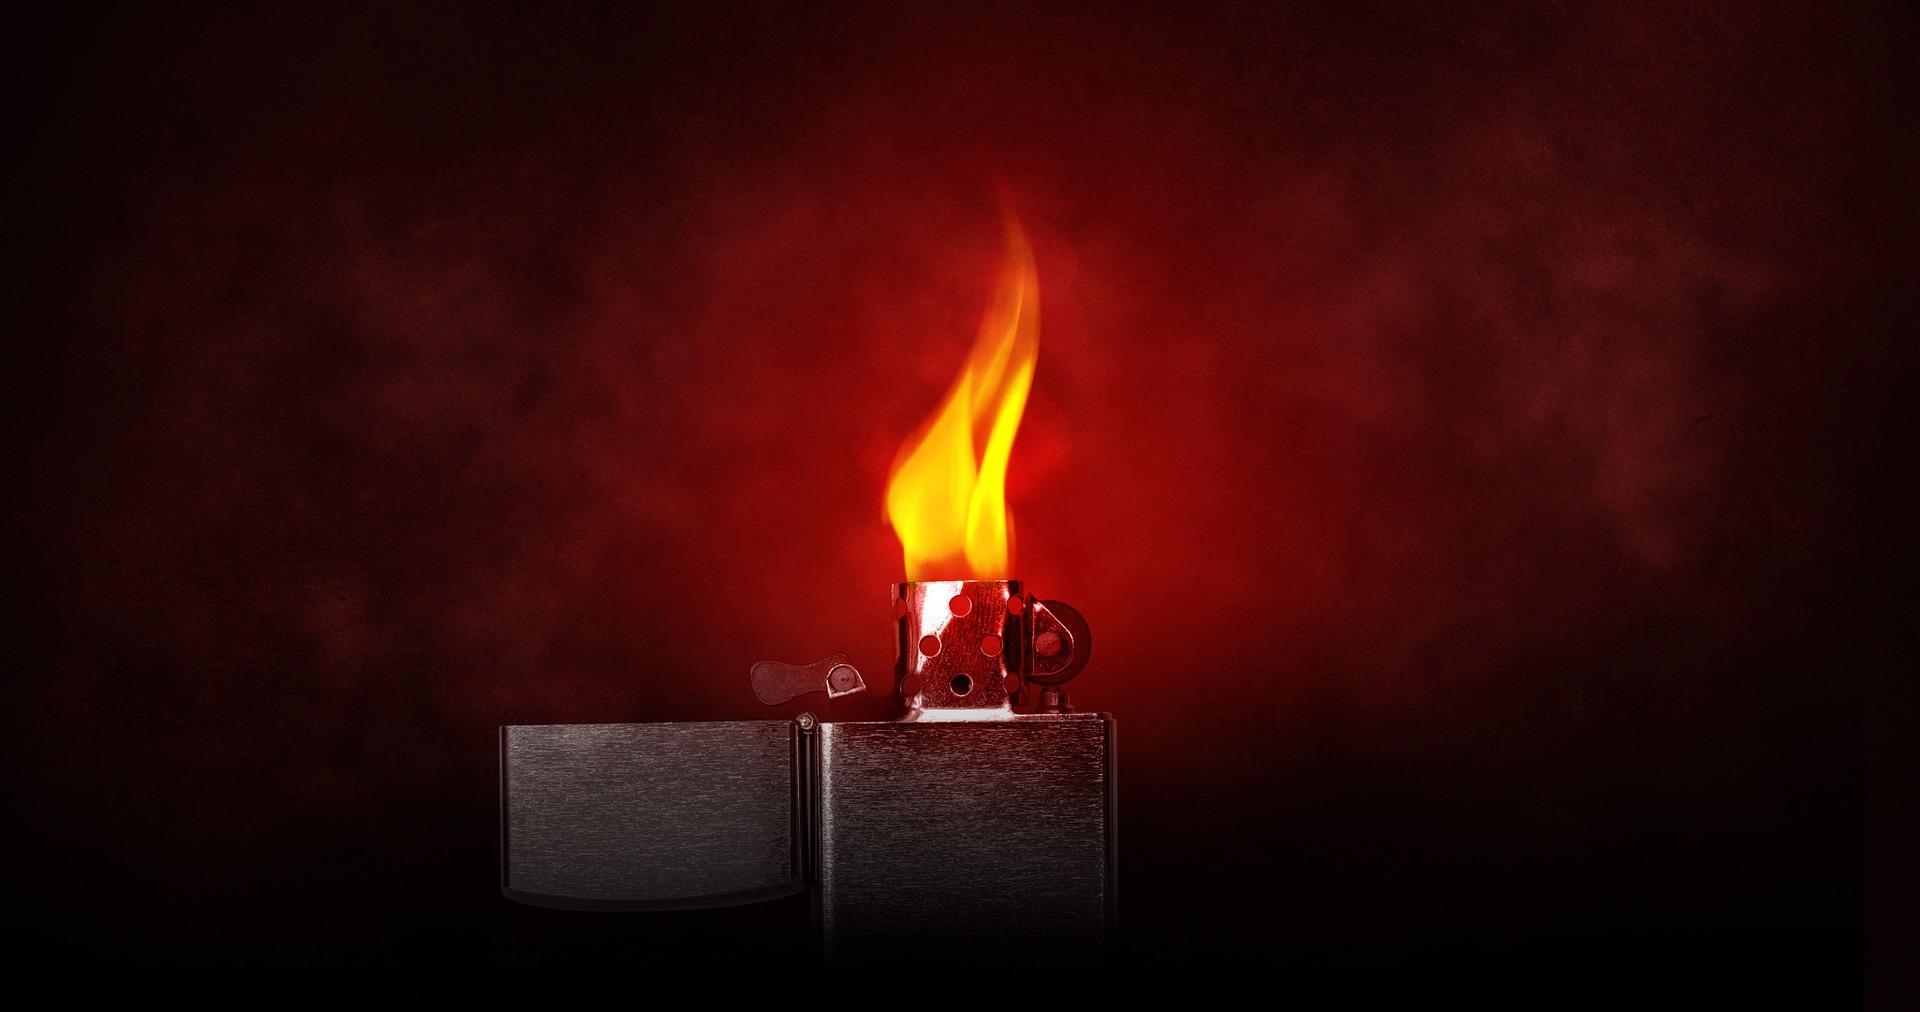 легче, Зажигалка, называется, огонь, жара, Zippo - Обои HD - Профессор falken.com